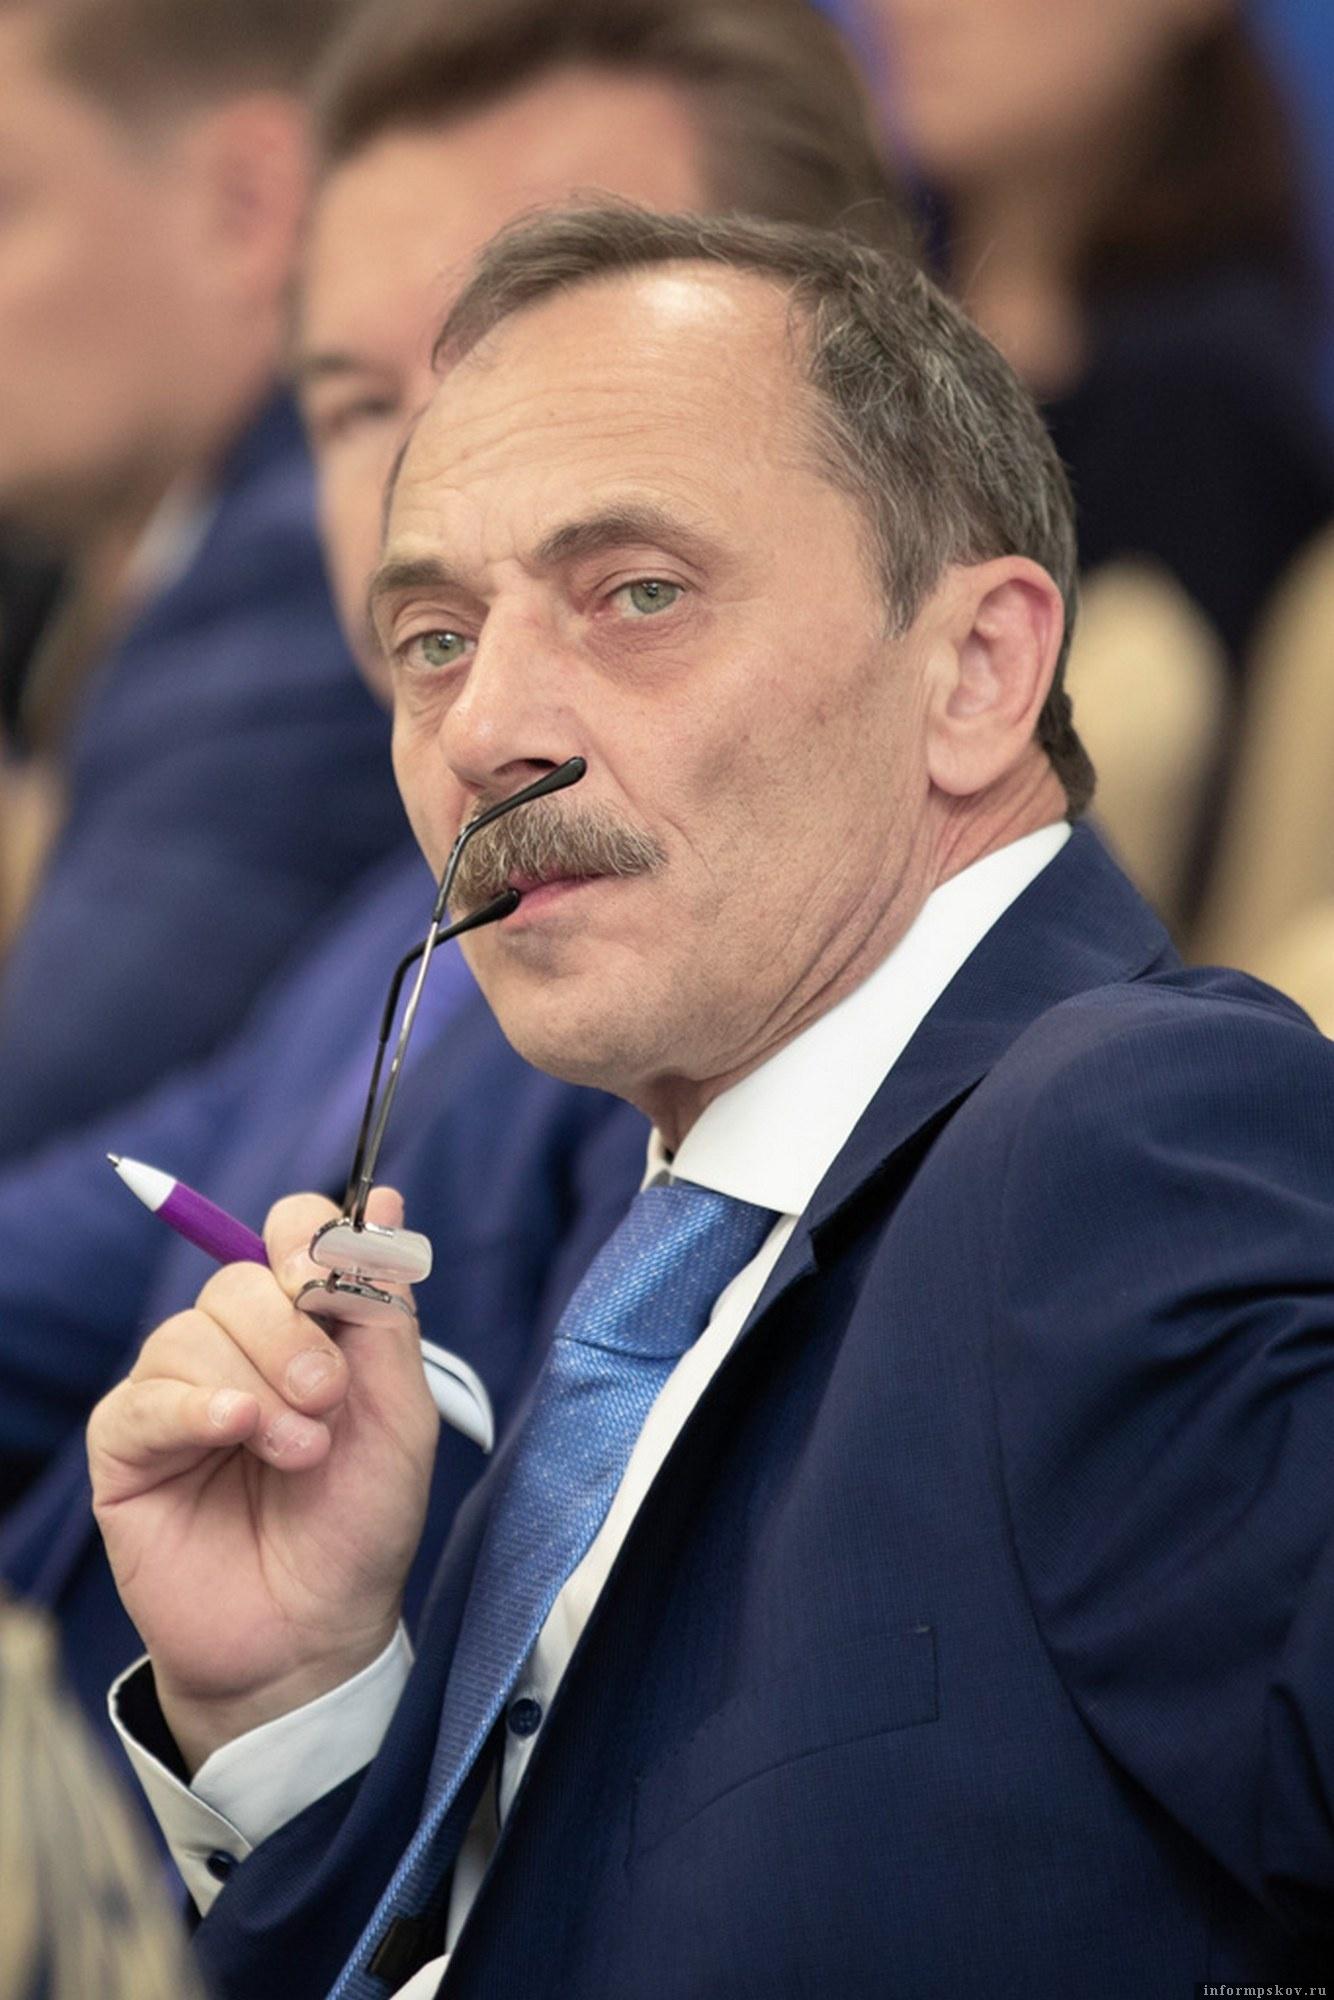 Герман Петрушко - директор завода «Титан-Полимер» в Пскове. Фото: пресс-служба предприятия.